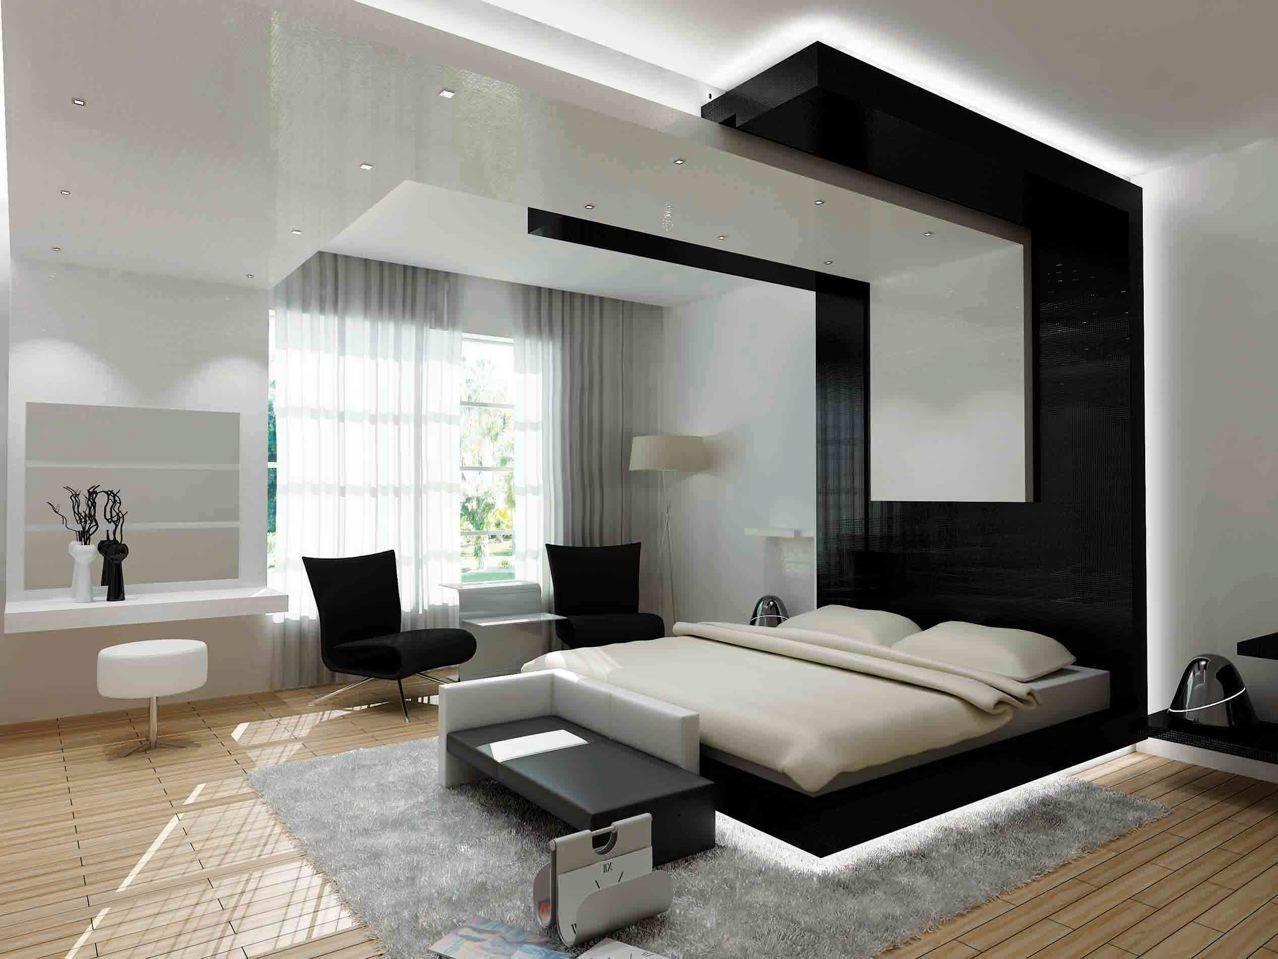 Decorazioni Camere Da Letto Moderne : Ispirazioni per camera da letto camera design del